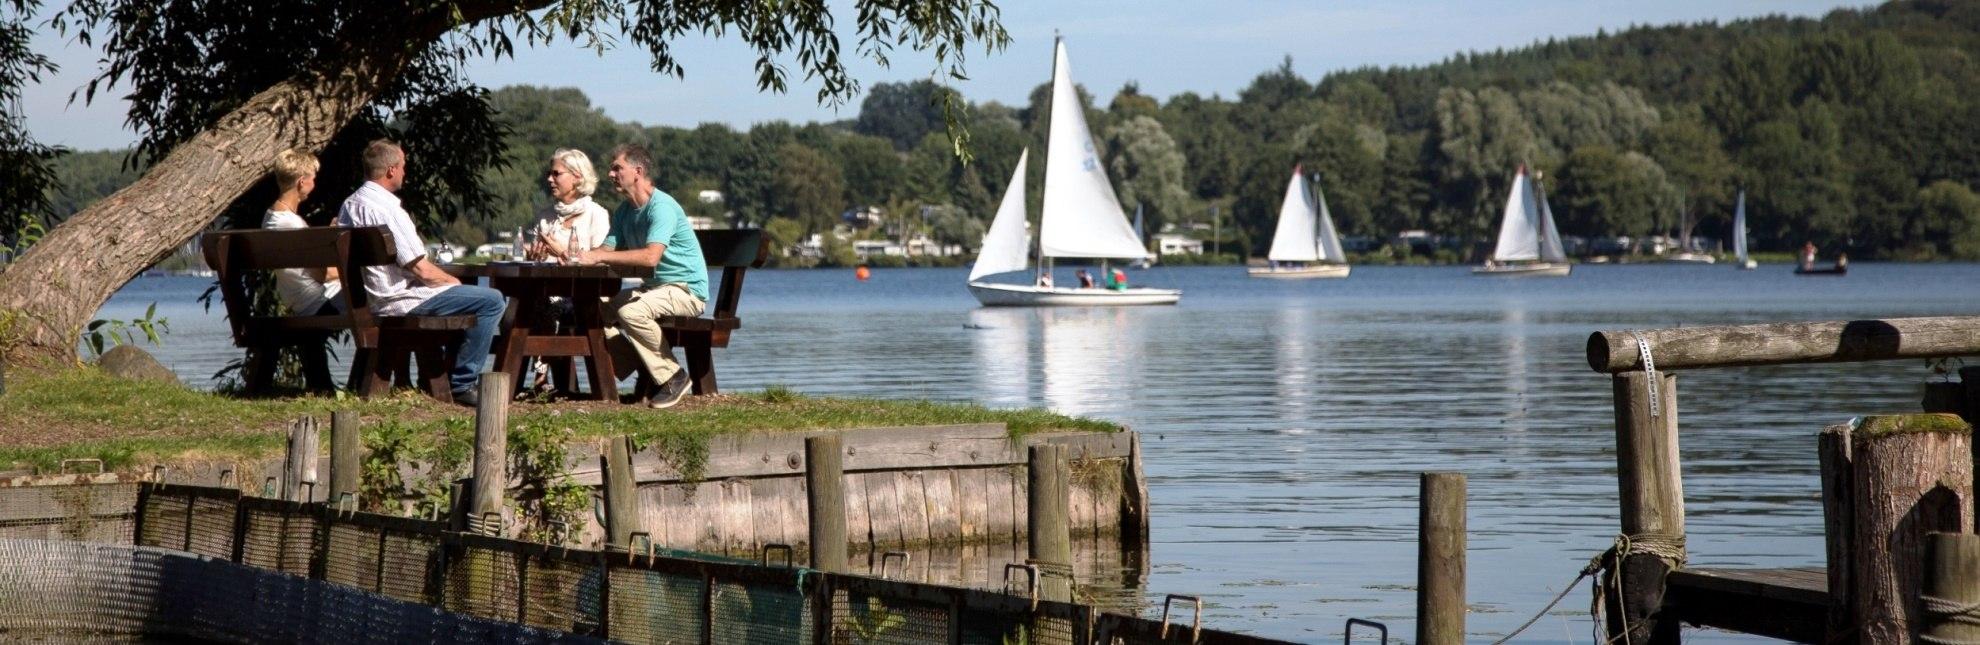 Gemütlich sitzt es sich bei der Fischerei Jobmann direkt am Ratzeburger See., © Tourist-Info Ratzeburg / Jens Butz